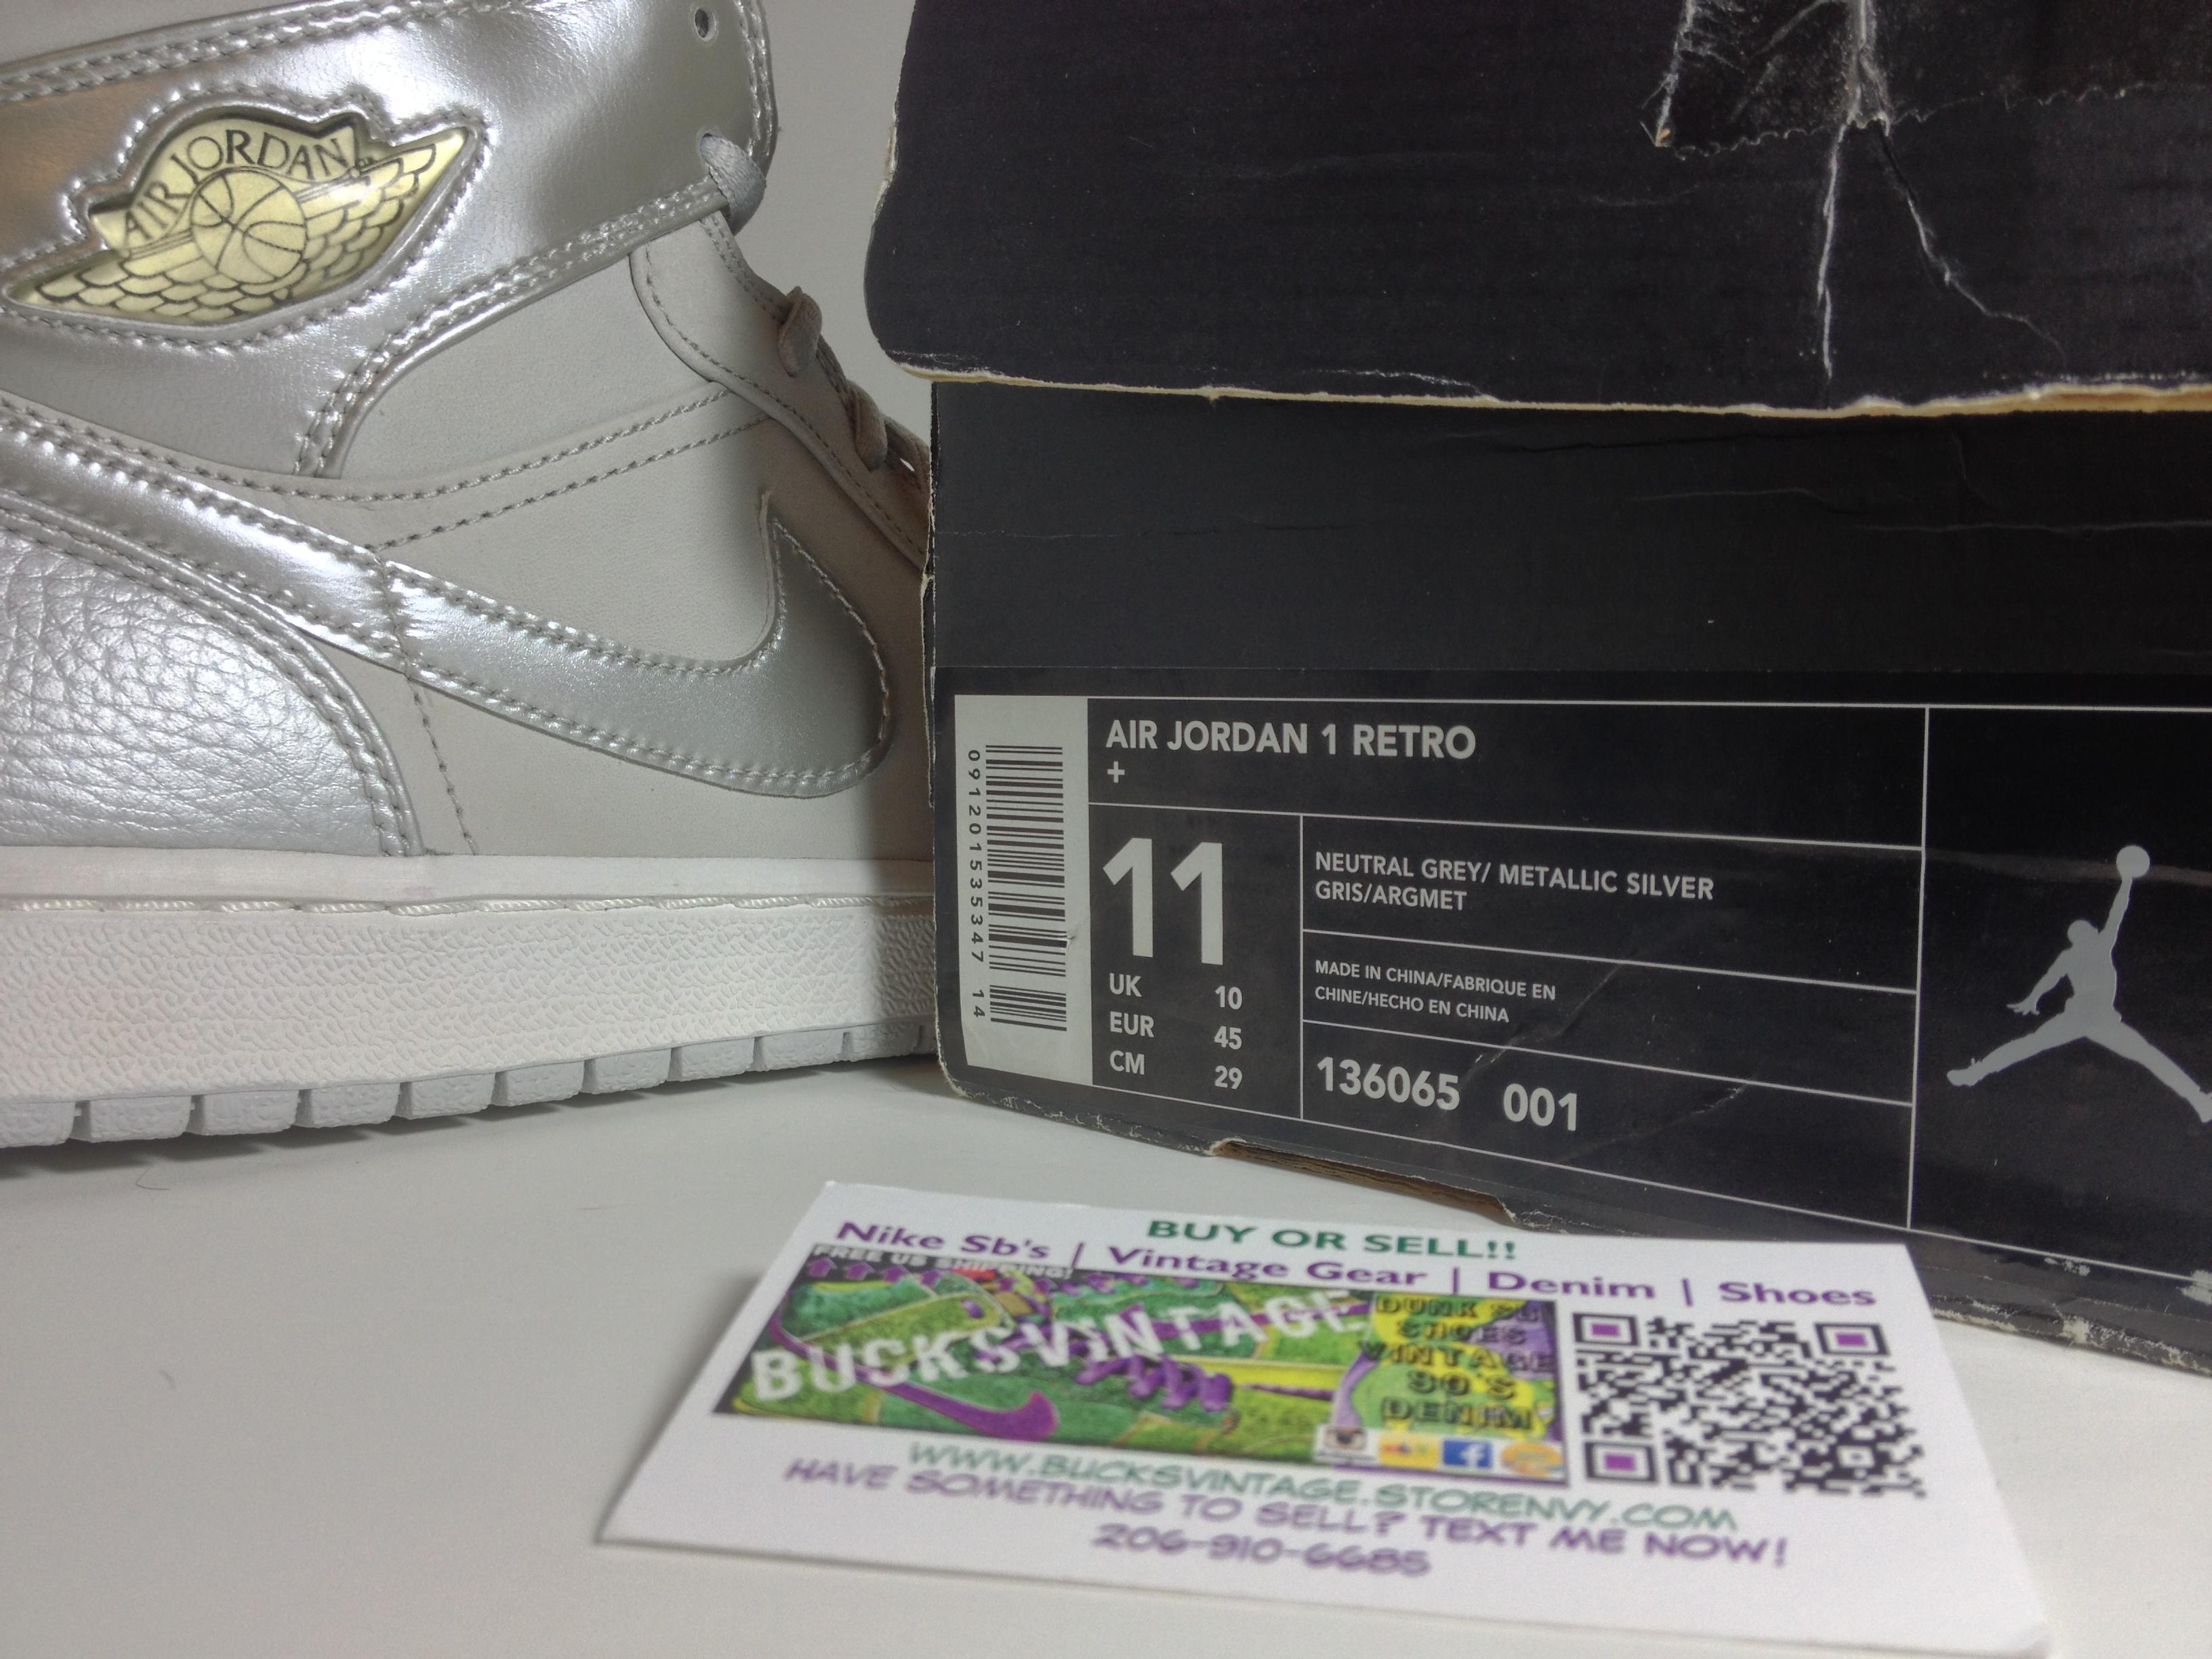 DS New 2001 Nike Air Jordan 1 Retro+  136065- ... 73fad8679